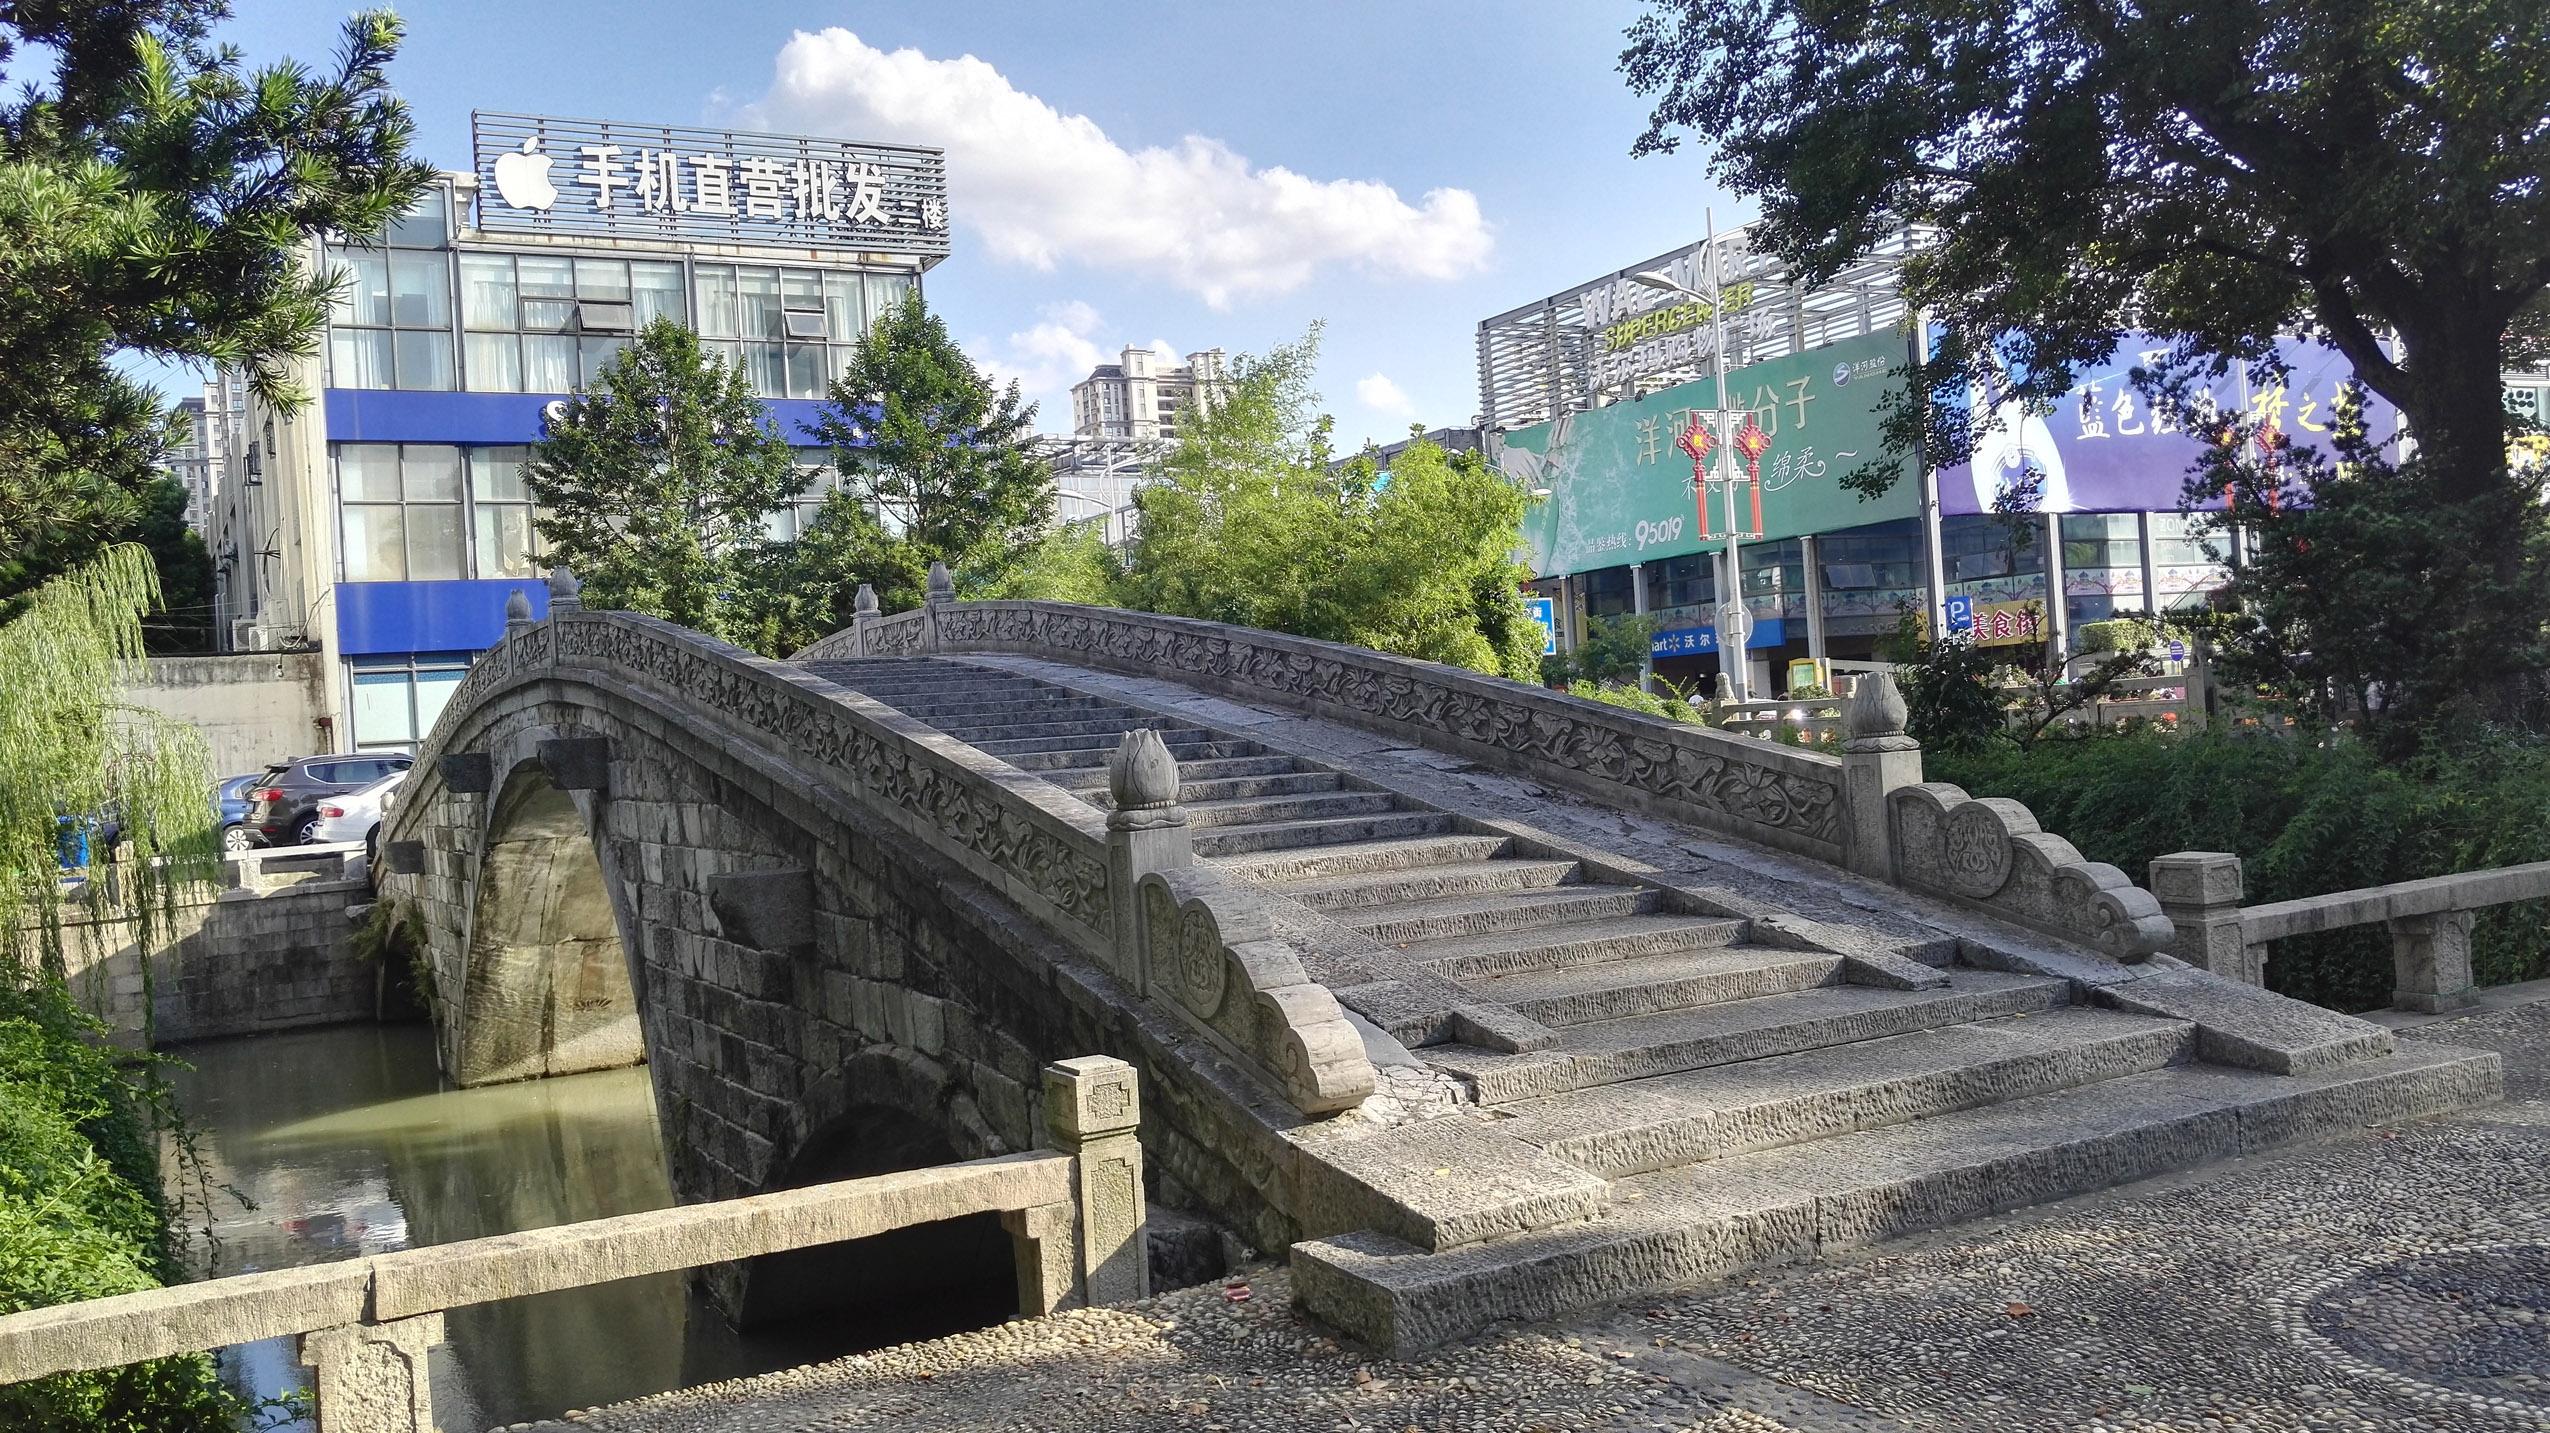 太仓州桥太仓石拱桥之一建于元代 摄影 这里是太仓 太仓的桥 第1张